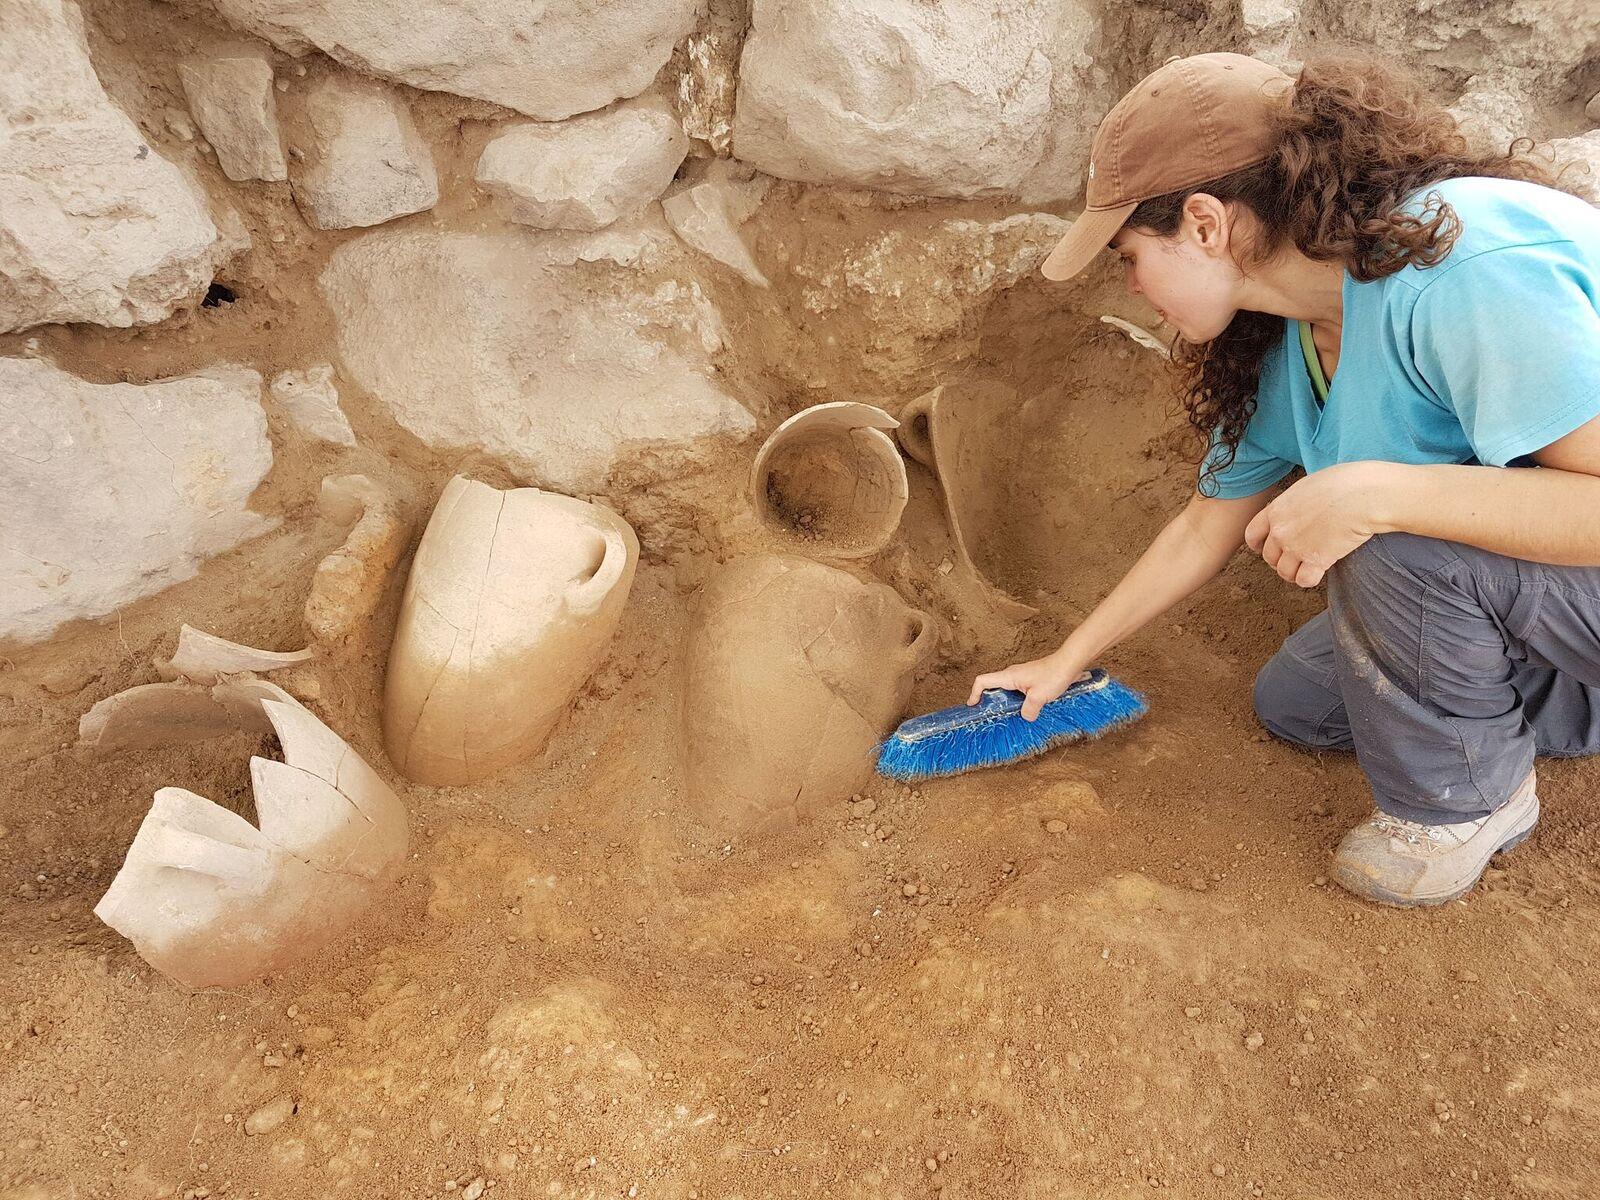 Российские археологи обнаружили древний месопотамский комплекс дворцов и храмов